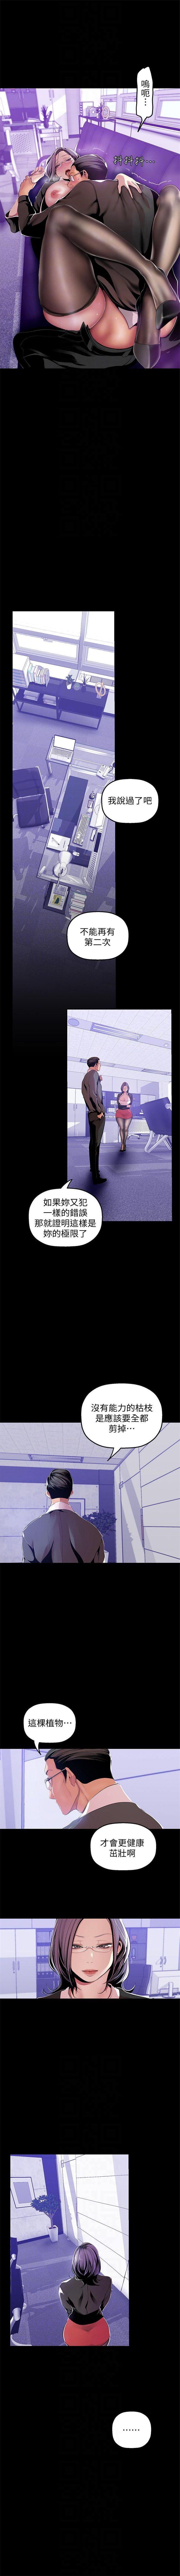 (周6)美丽新世界 1-61 中文翻译 (更新中) 344